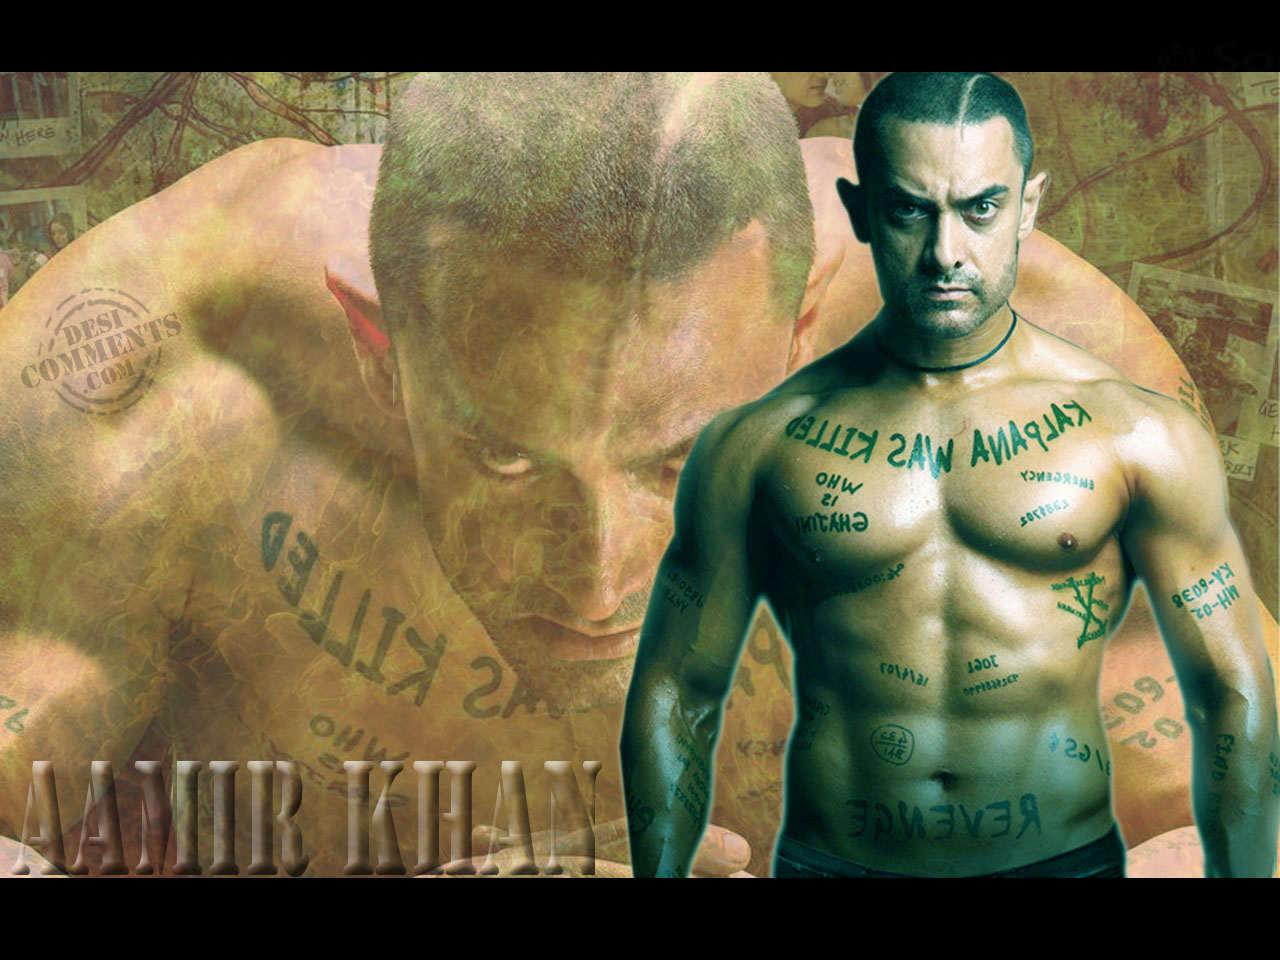 Aamir khan body hd wallpaper amir khan hd wallpapers - Aamir khan hd wallpaper ...